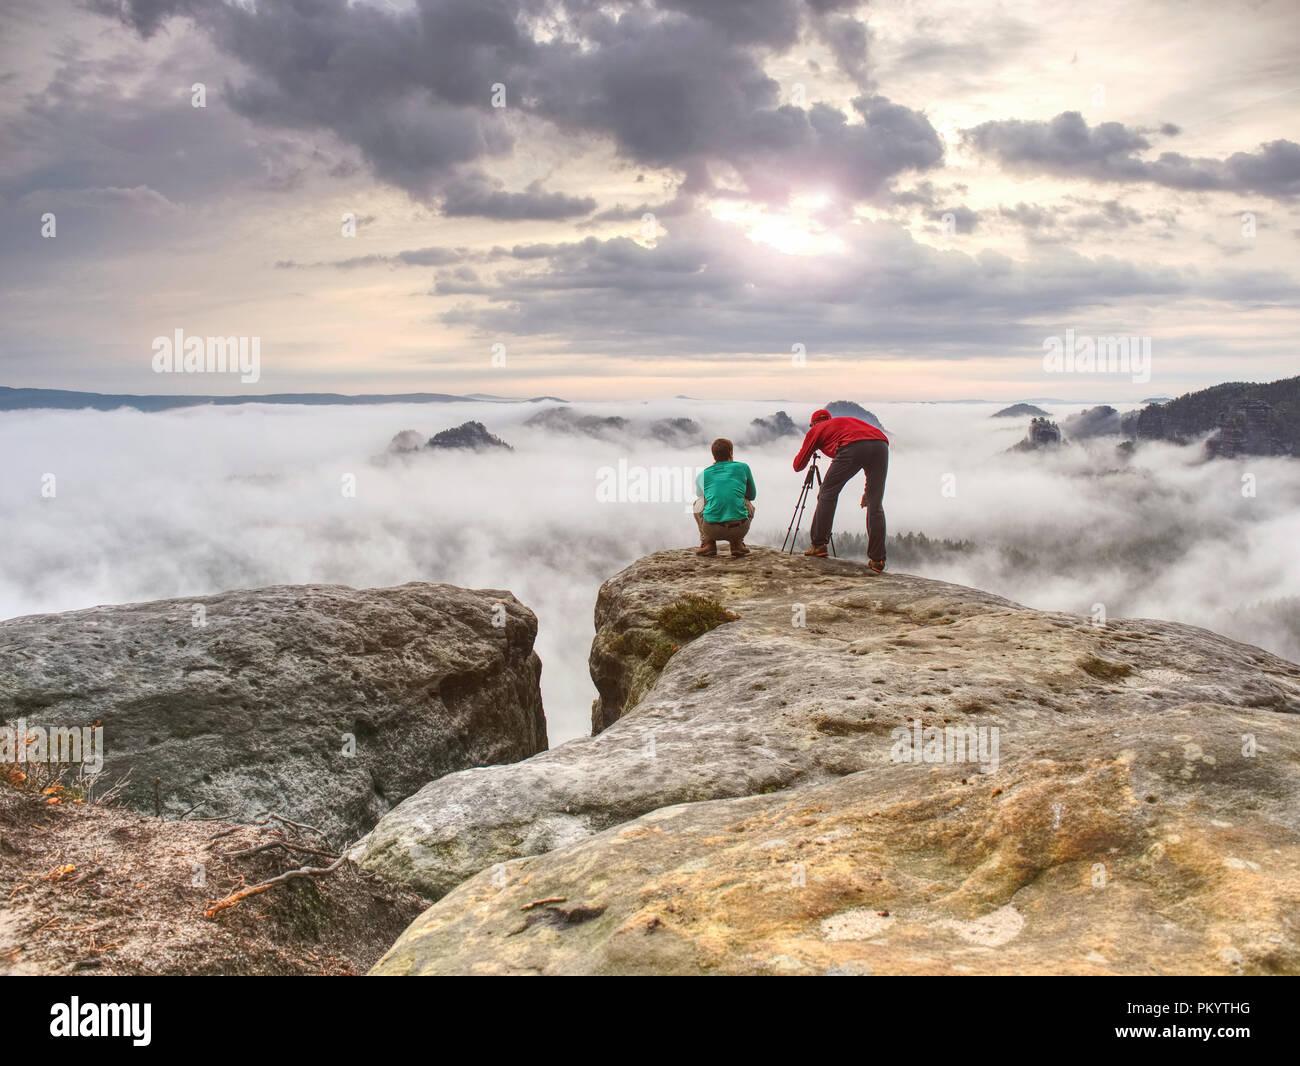 Viajar fotógrafo man teniendo naturaleza video de la montaña Lookout. Excursionista fotógrafo y camarógrafo profesional turístico en vacaciones de aventura shooti Imagen De Stock